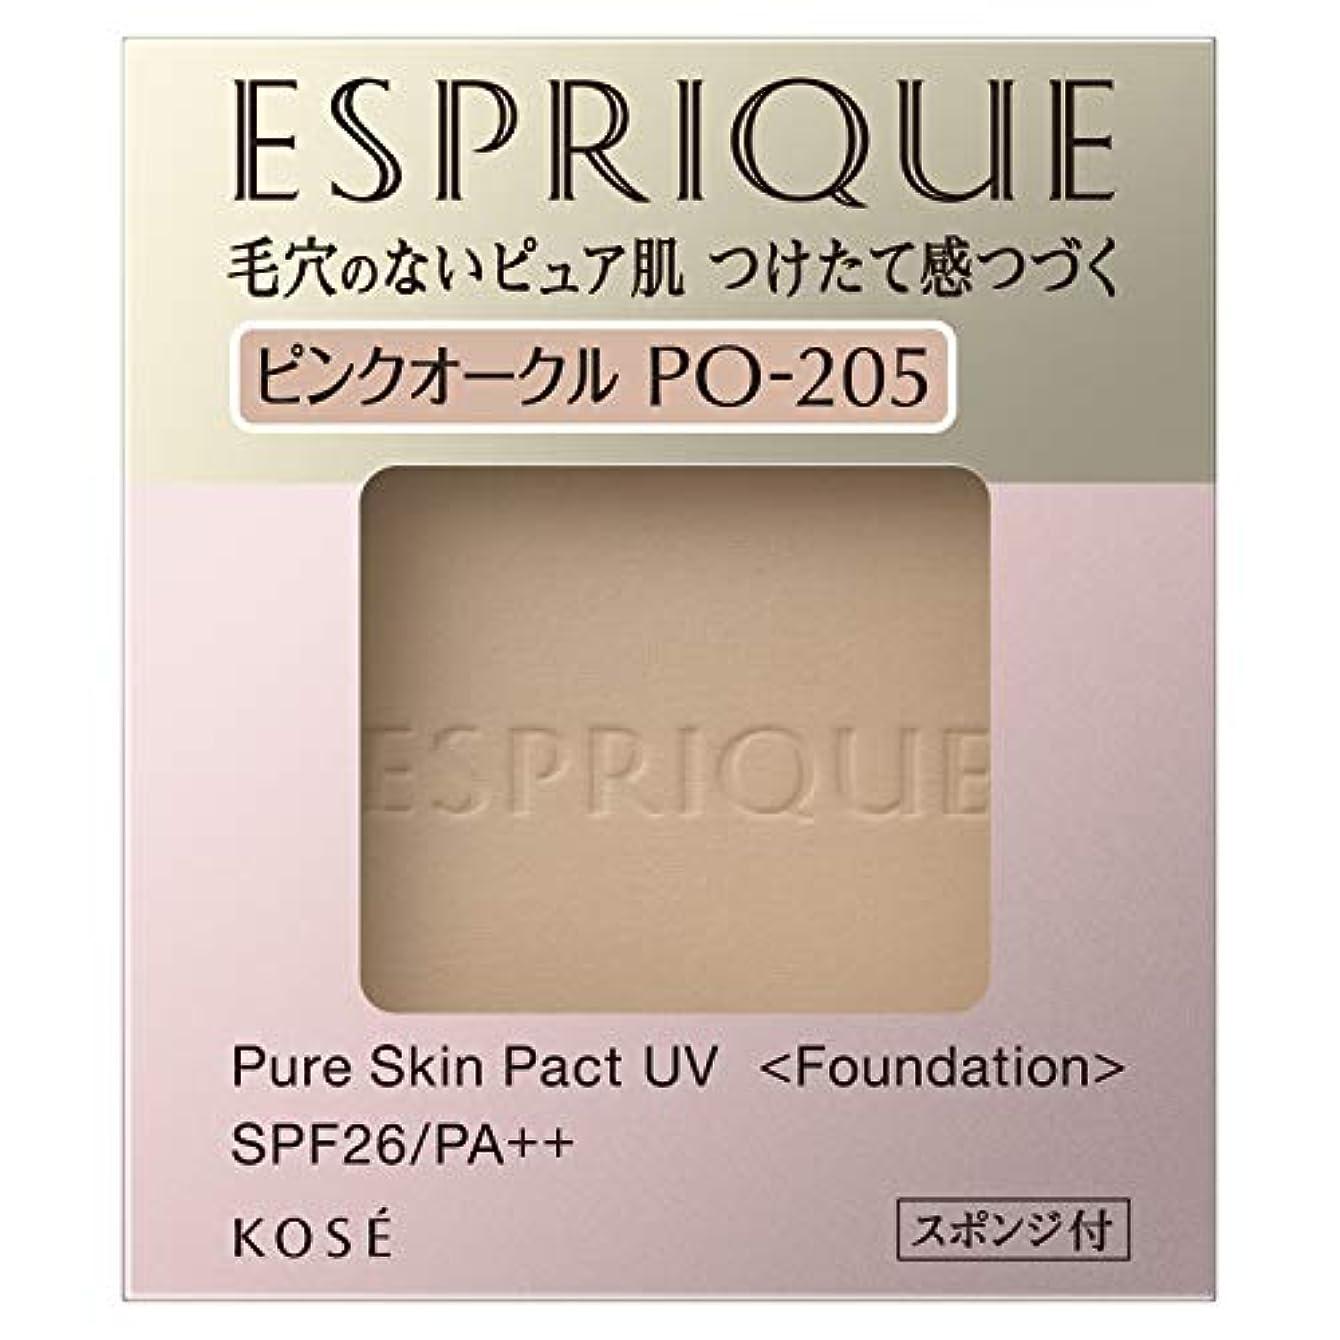 百万シーン壊滅的なエスプリーク ピュアスキン パクト UV PO-205 ピンクオークル 9.3g